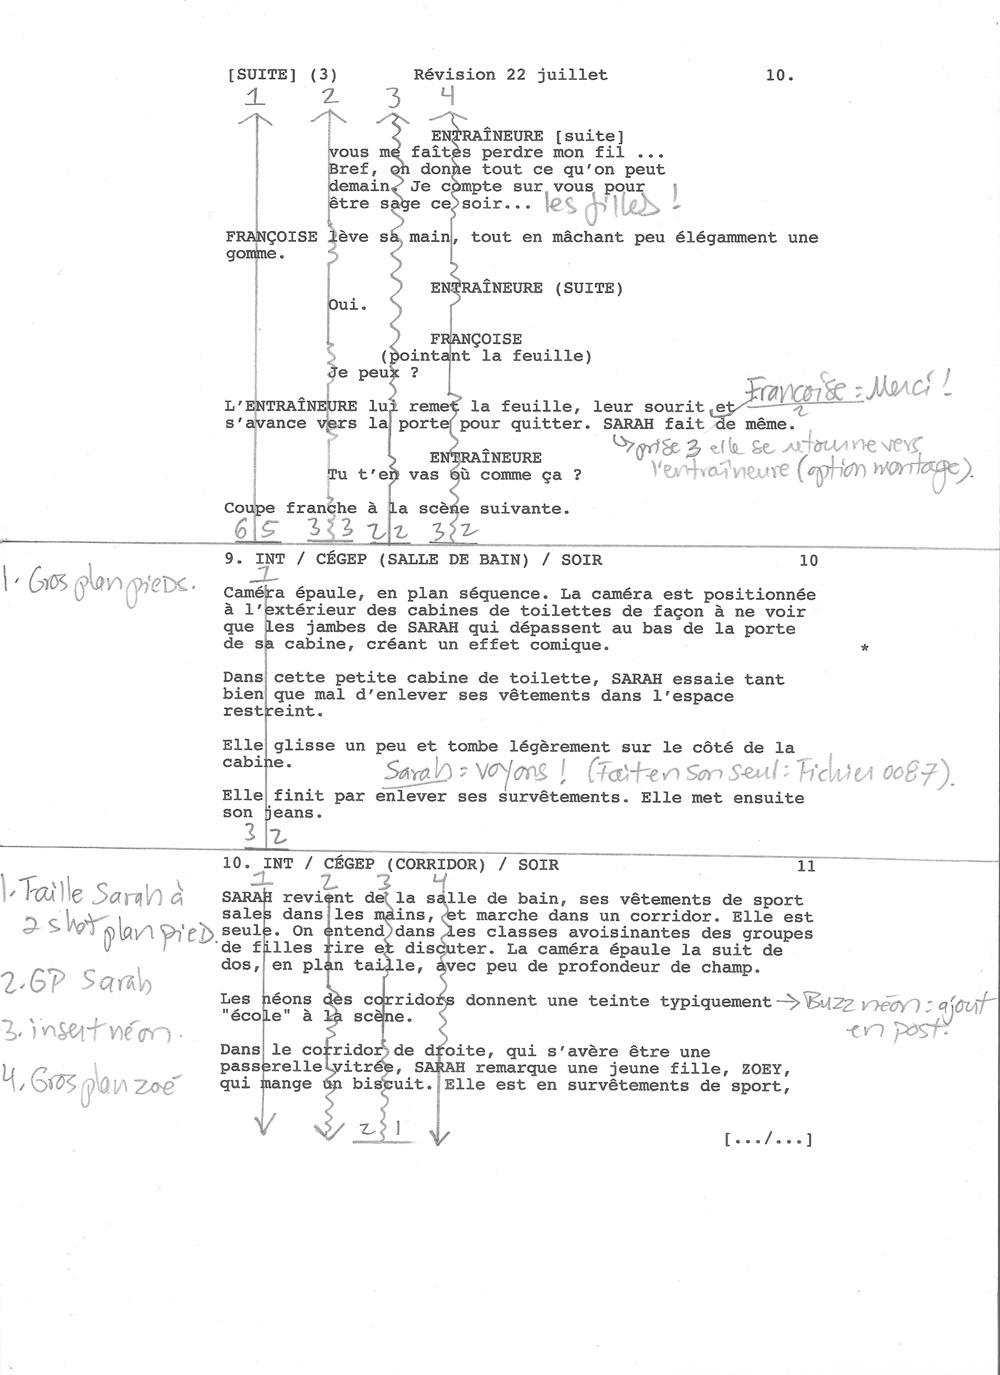 Au Vu Ou Aux Vues : L'importance, Continuité, Selon, Scripte, Patrick, Aubert, Devoir